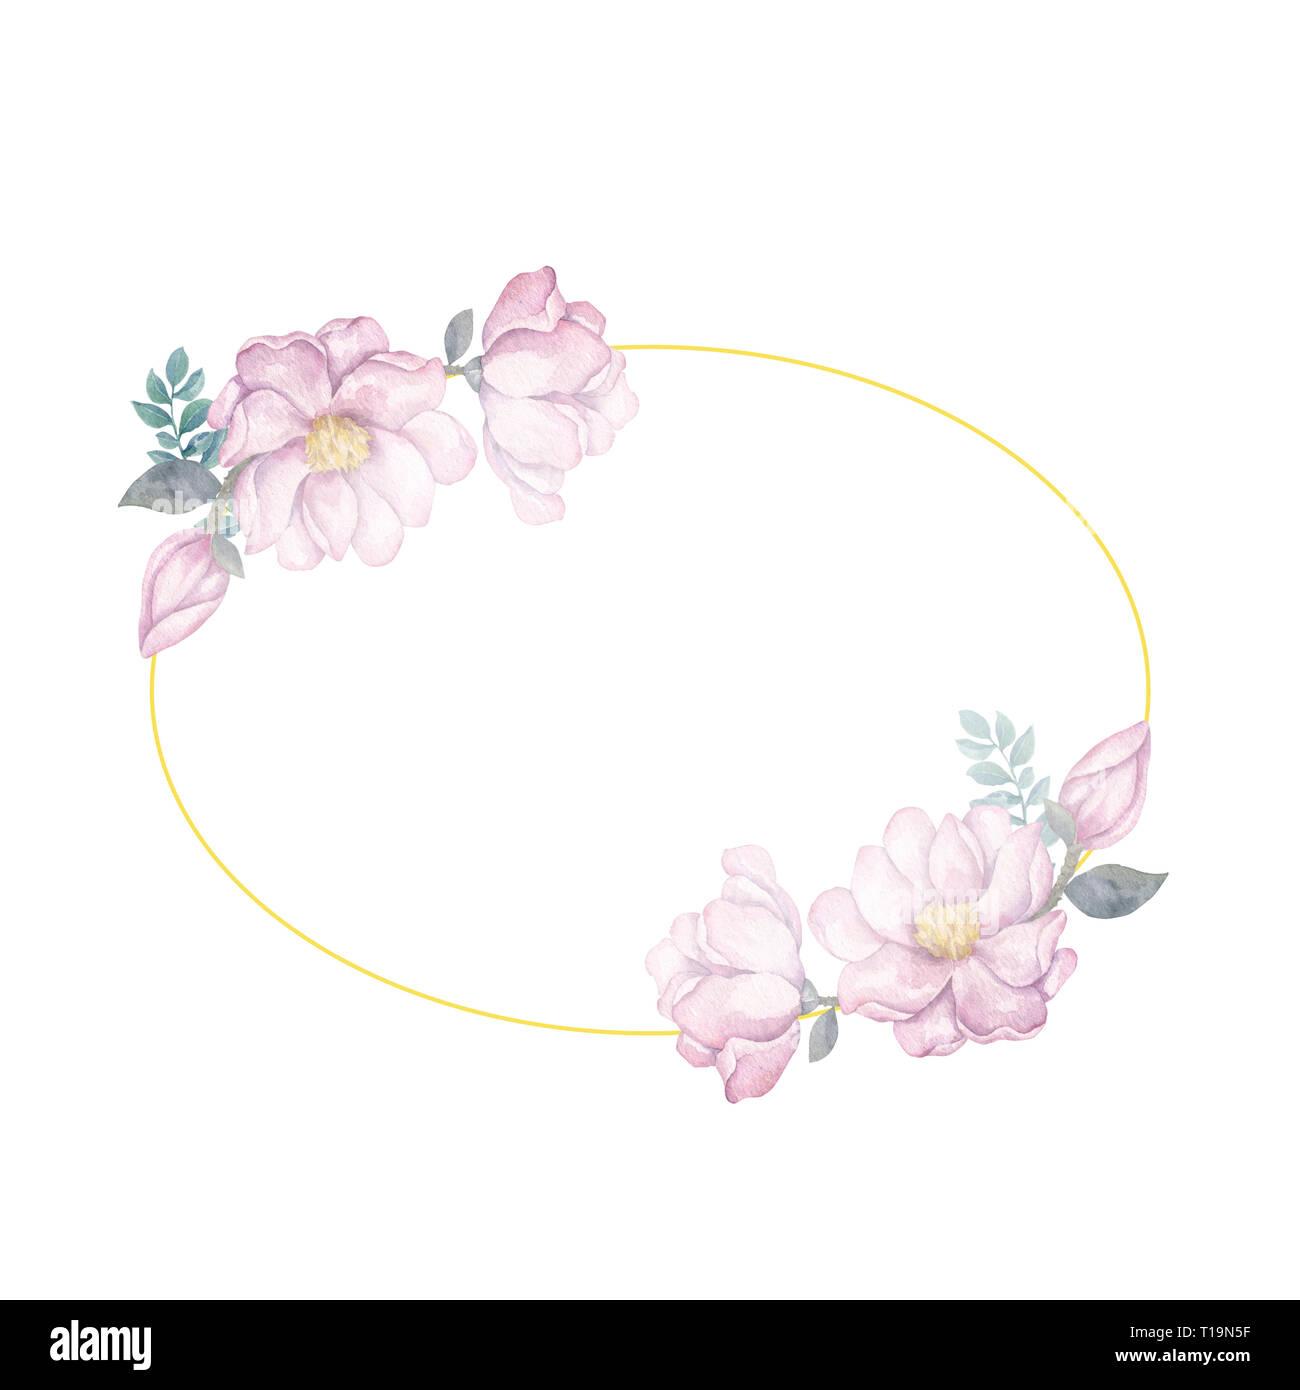 Acuarela Guirnalda De Flores Y Hojas Marco Dorado